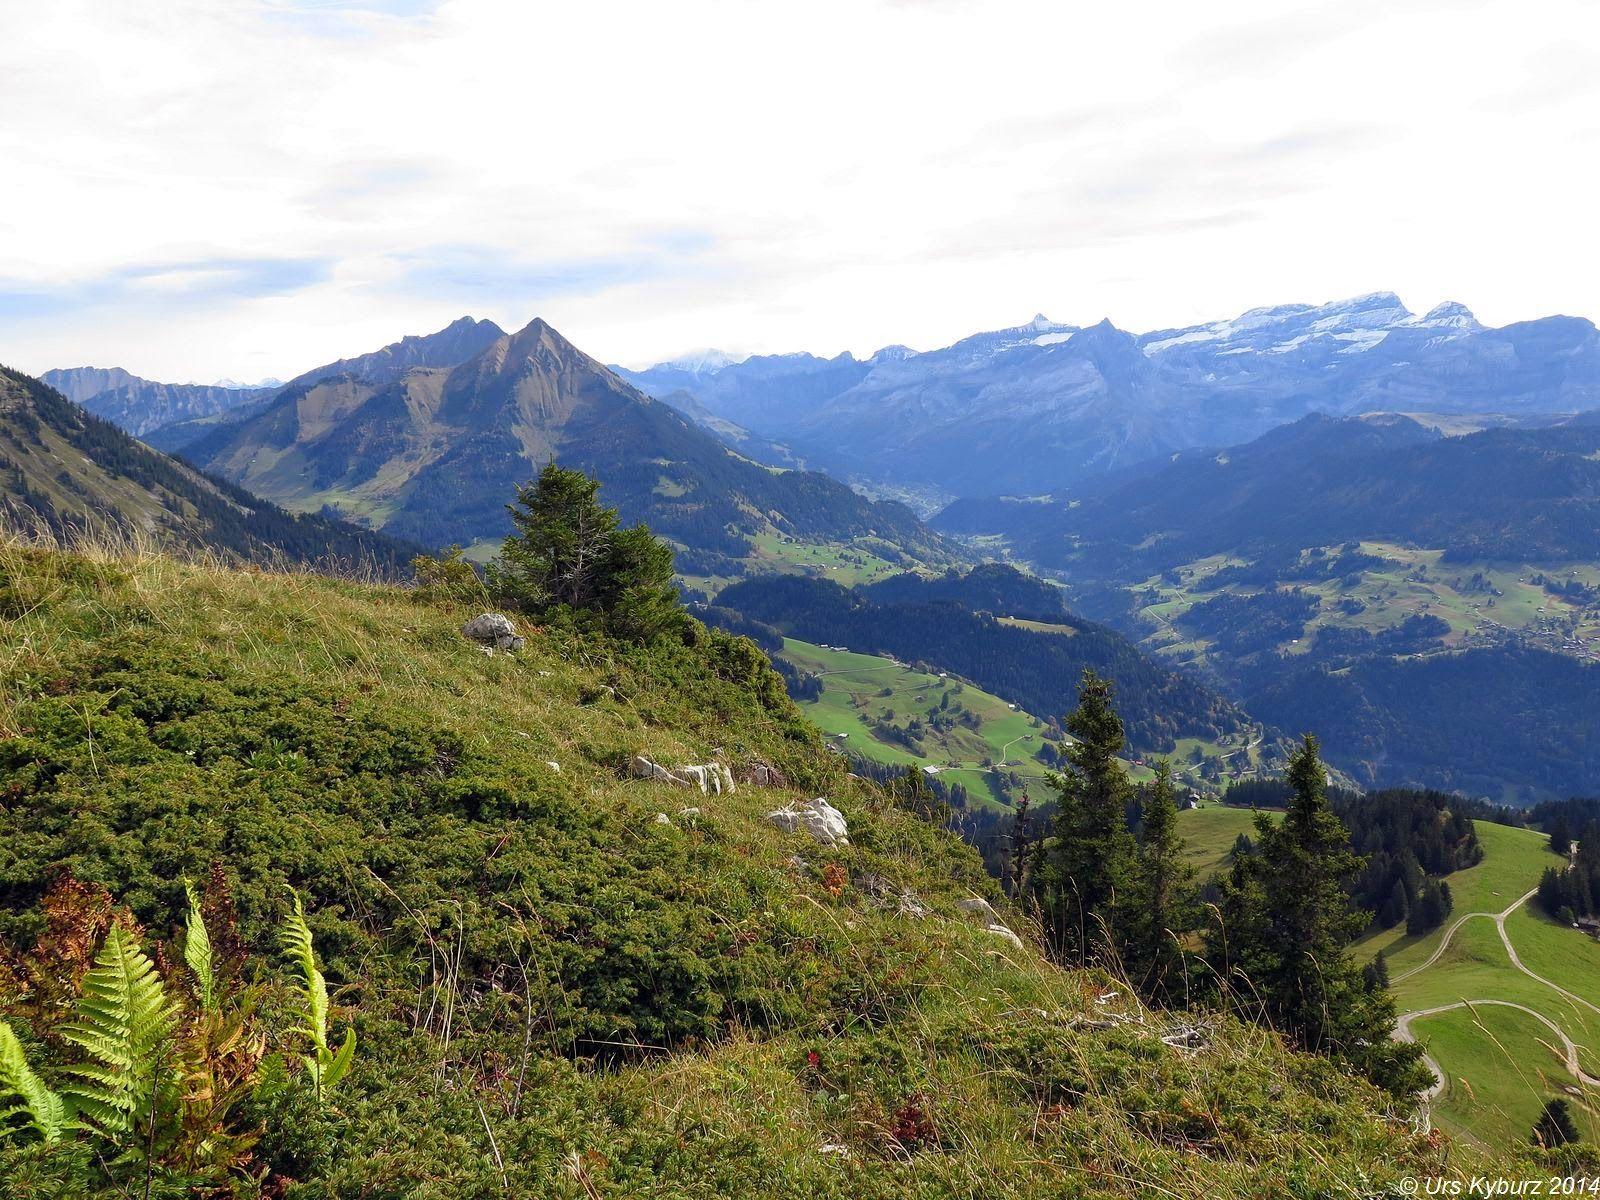 In der Natur unterwegs: Bike & Hike mit Gipfel #Leysin #hike #bike #mtb #autumnpleasure